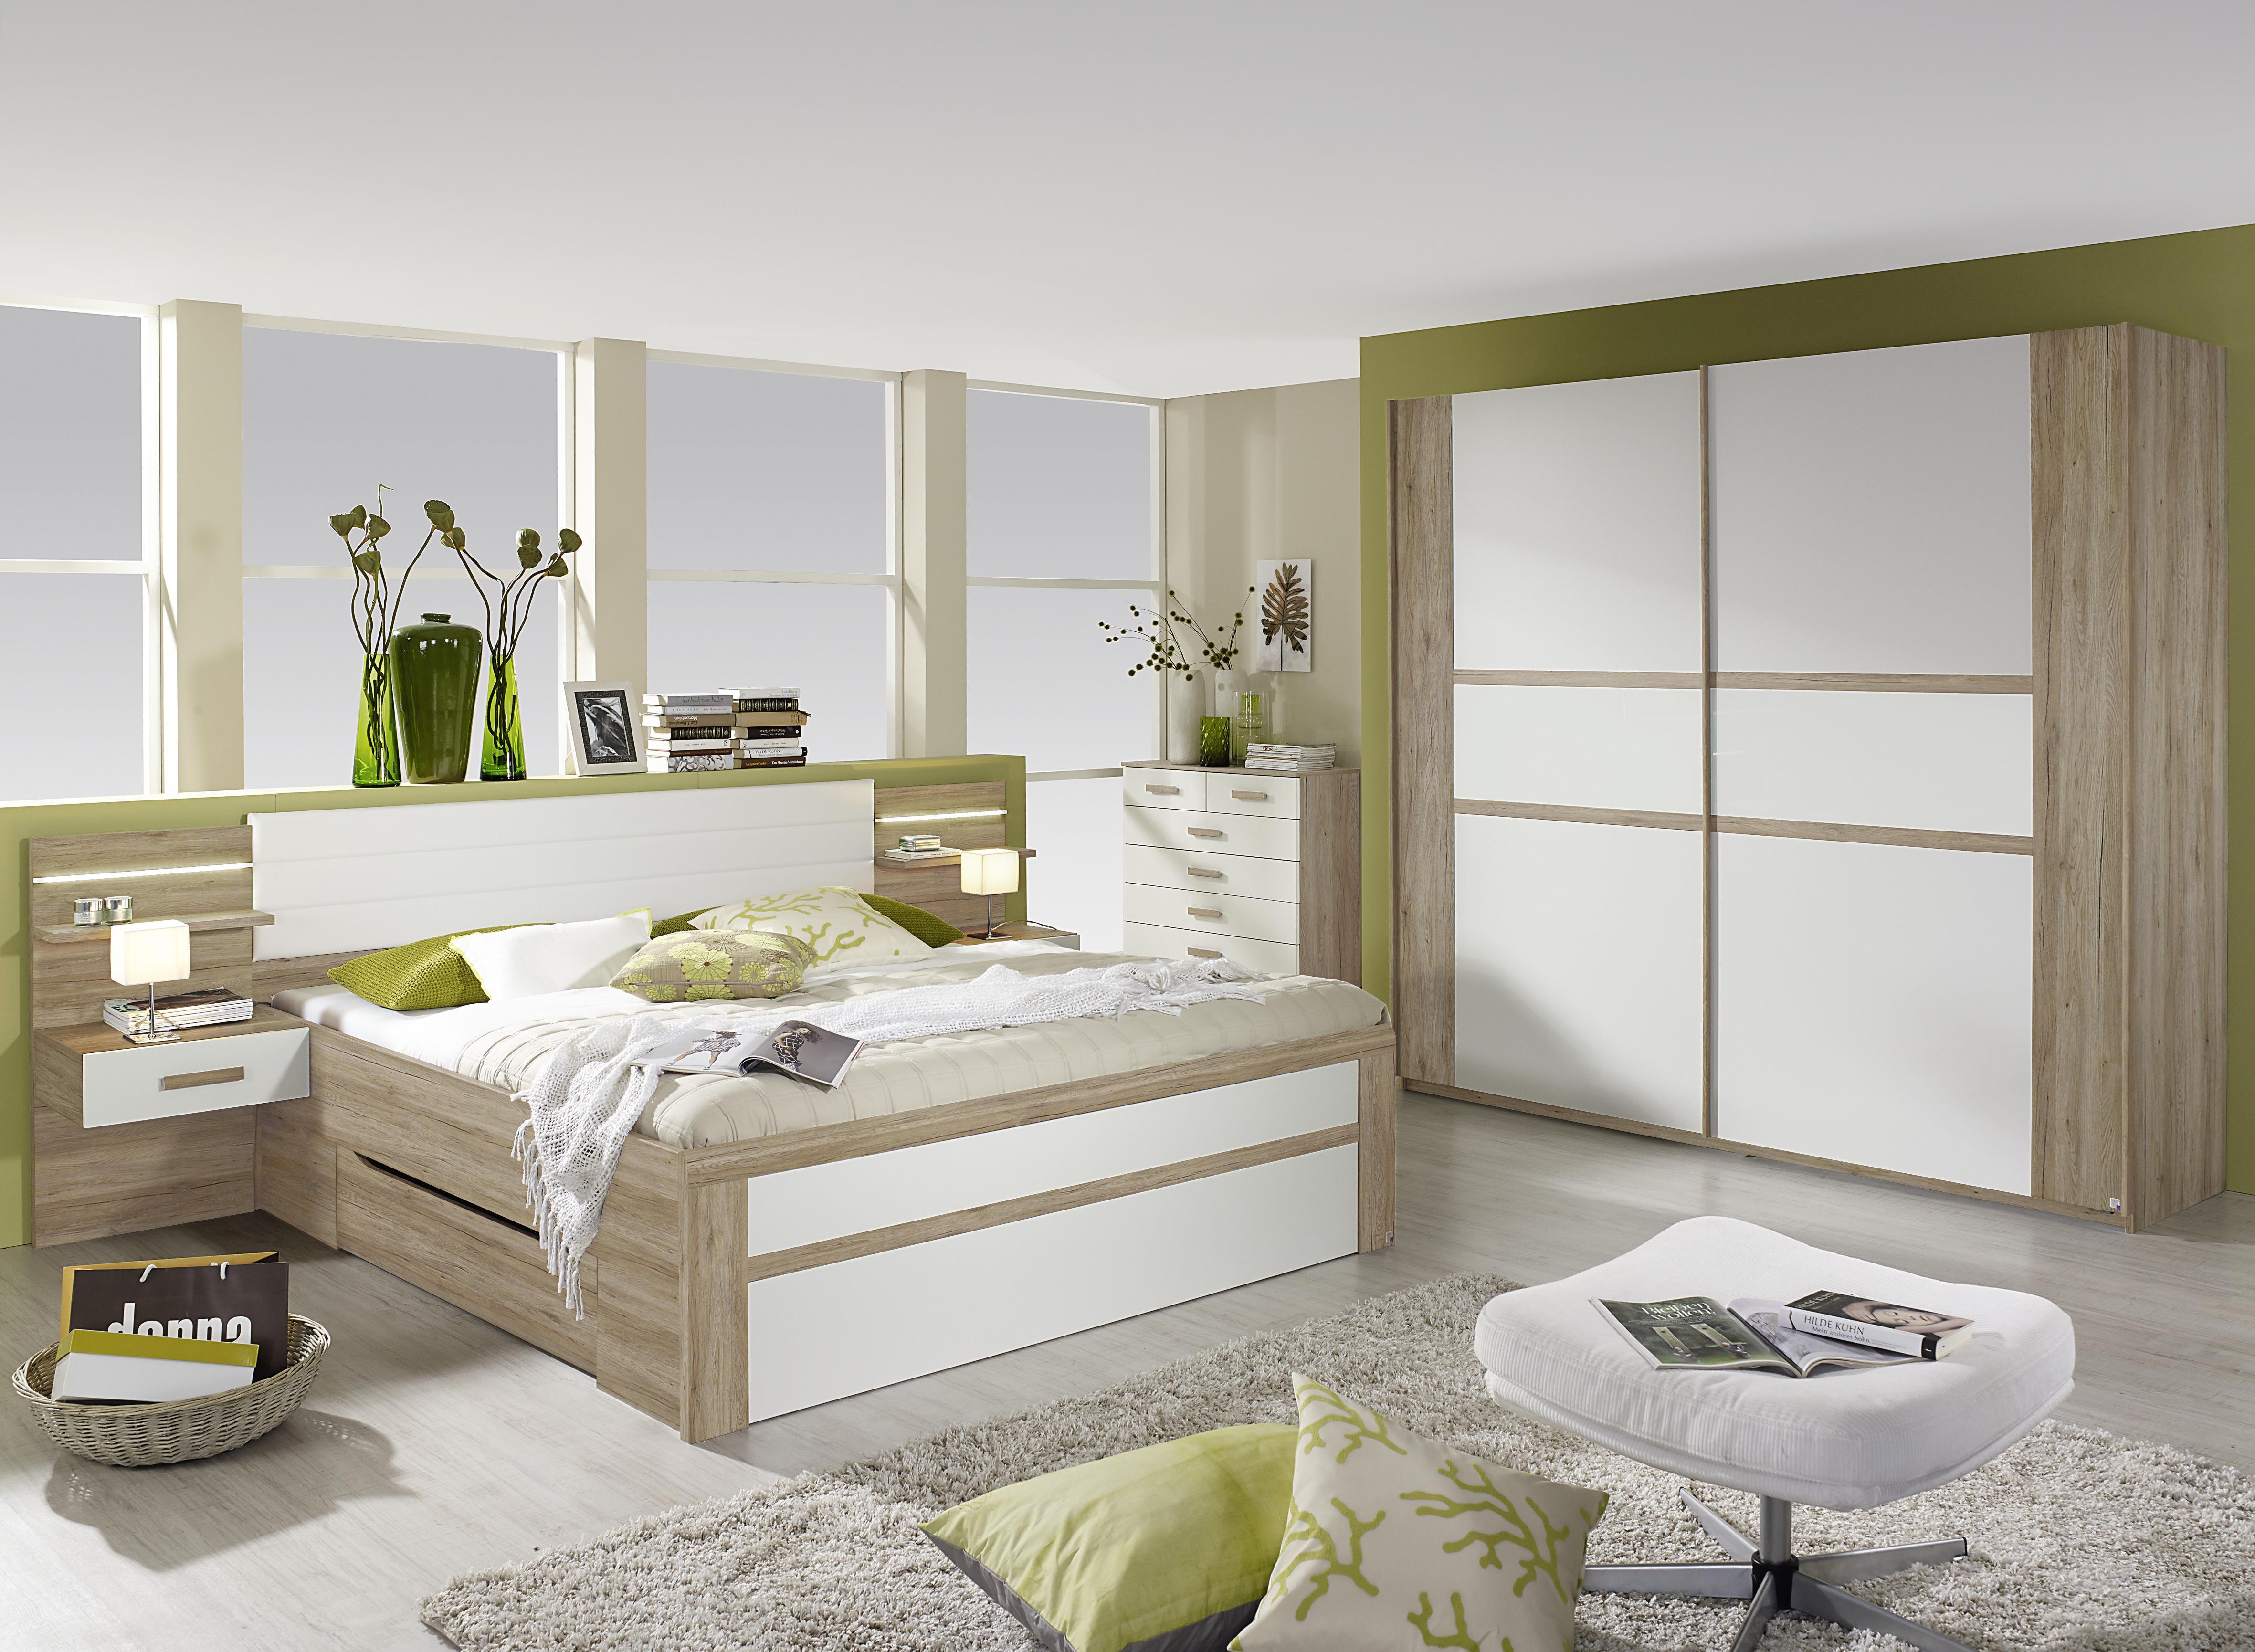 Schlafzimmer Set Eiche Sanremo Bernau 2-teilig